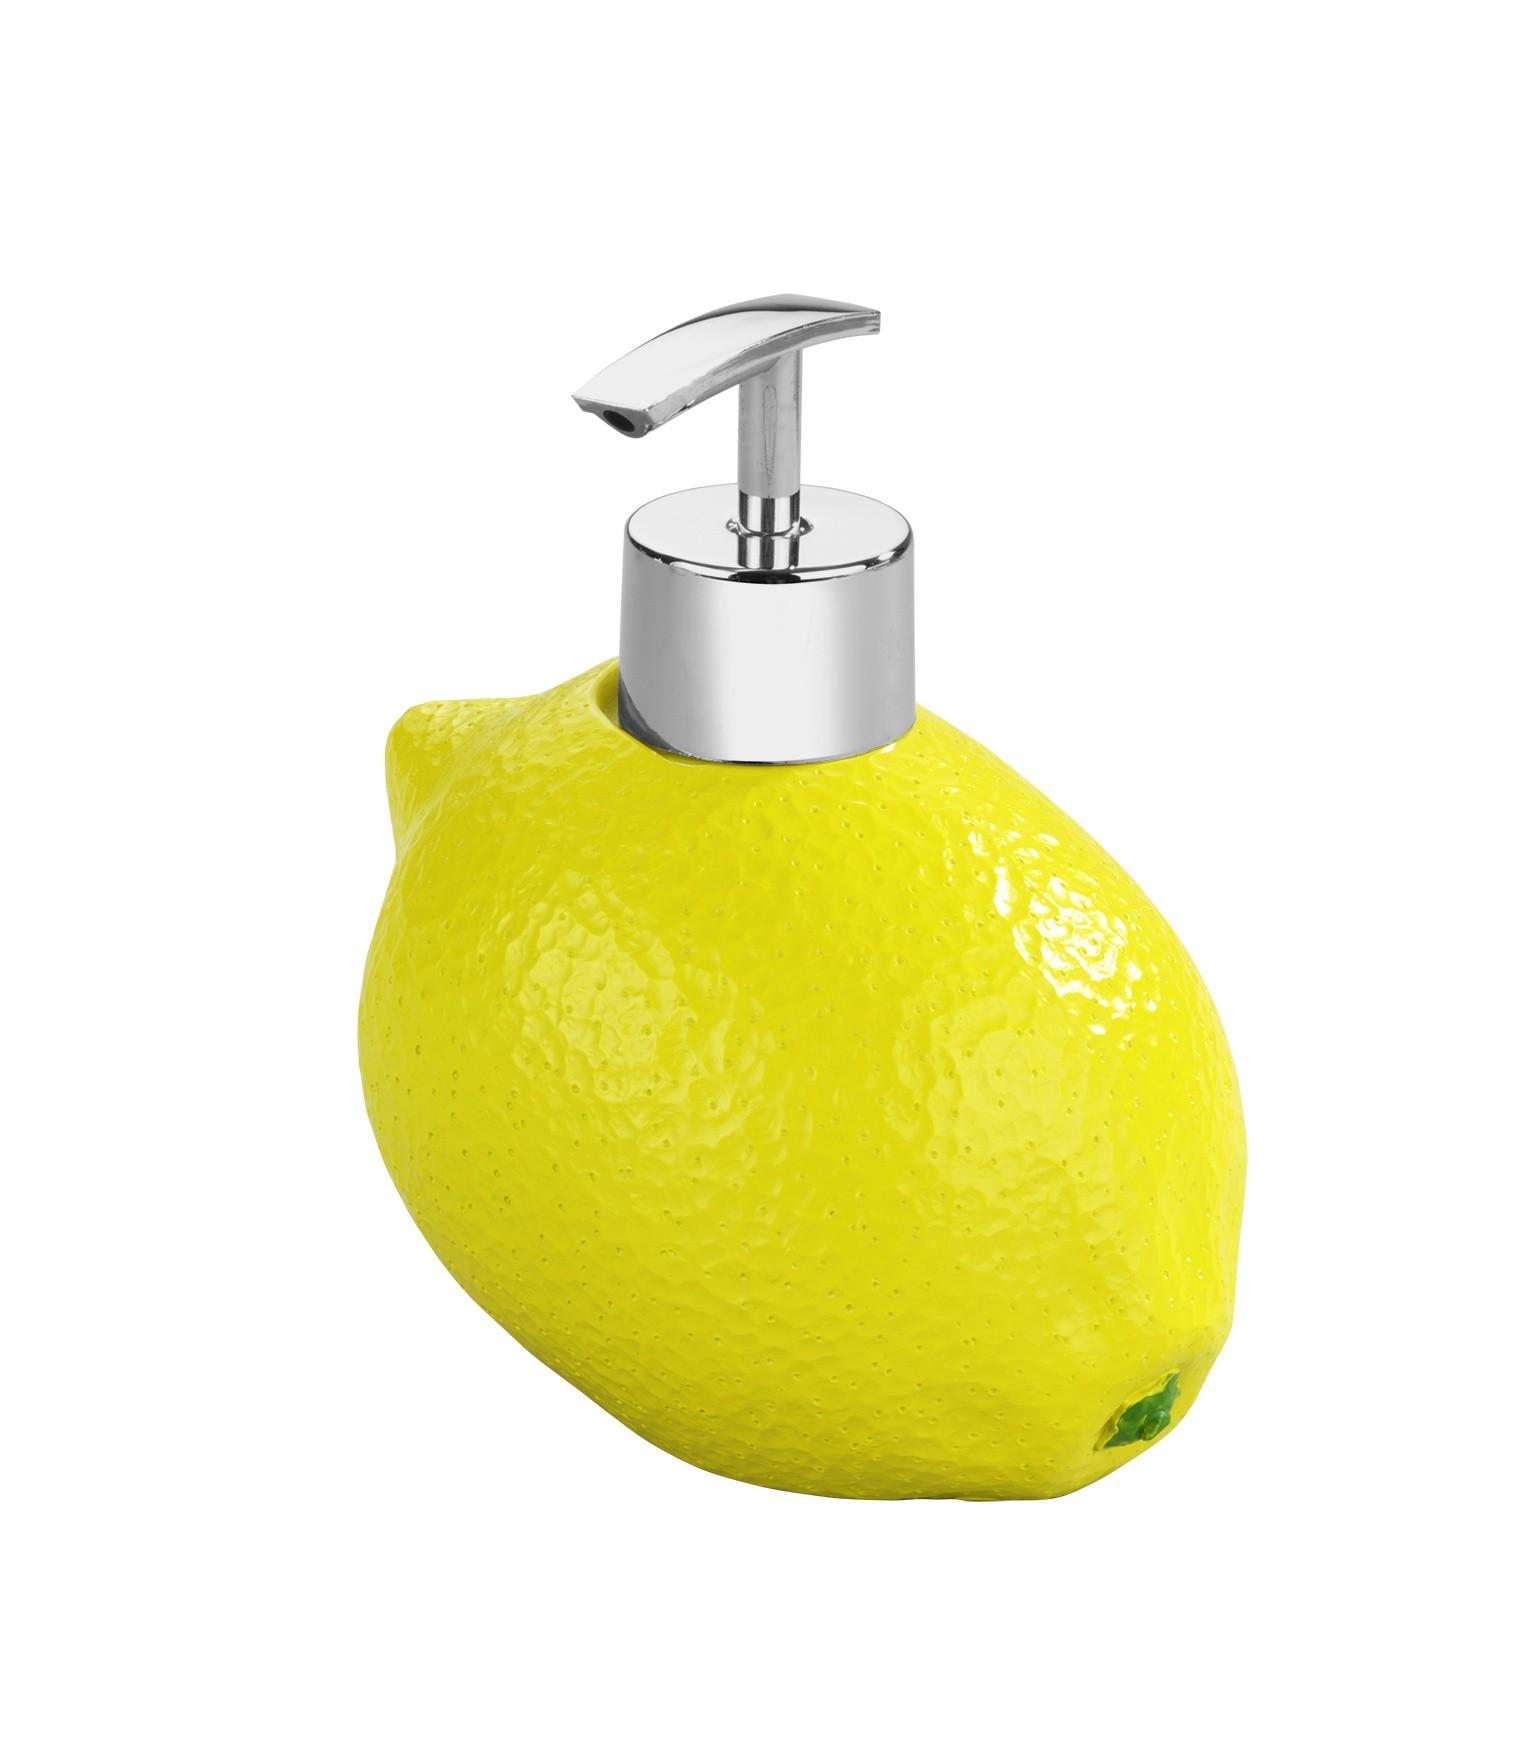 Seifenspender Zitrone, Spülmittelspender